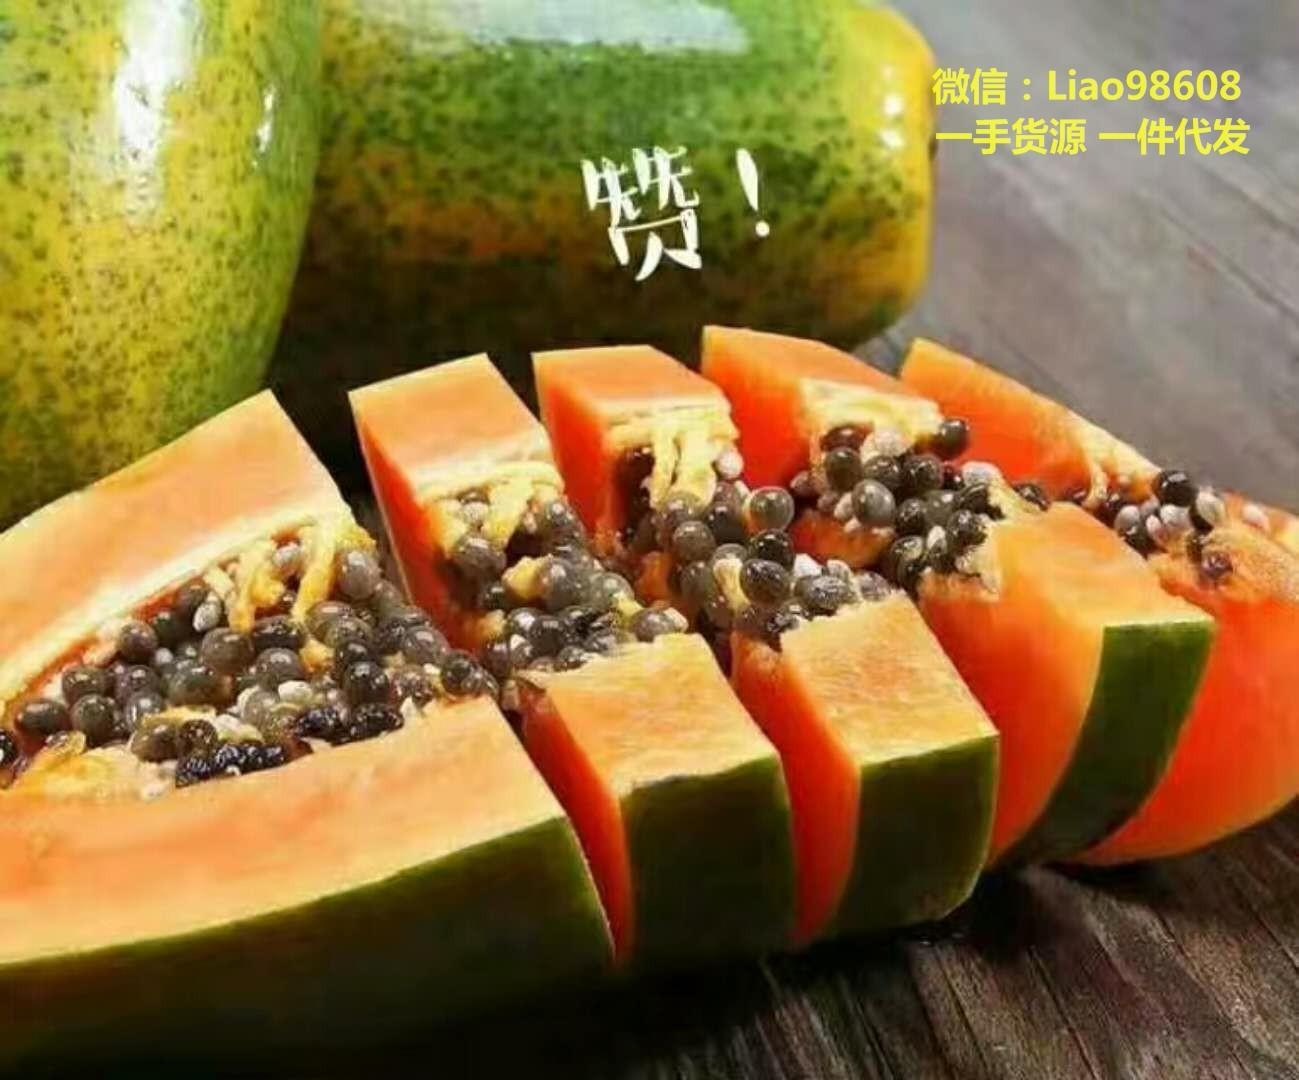 水果微商货源 原产地果园直发 一件代发 免费代理